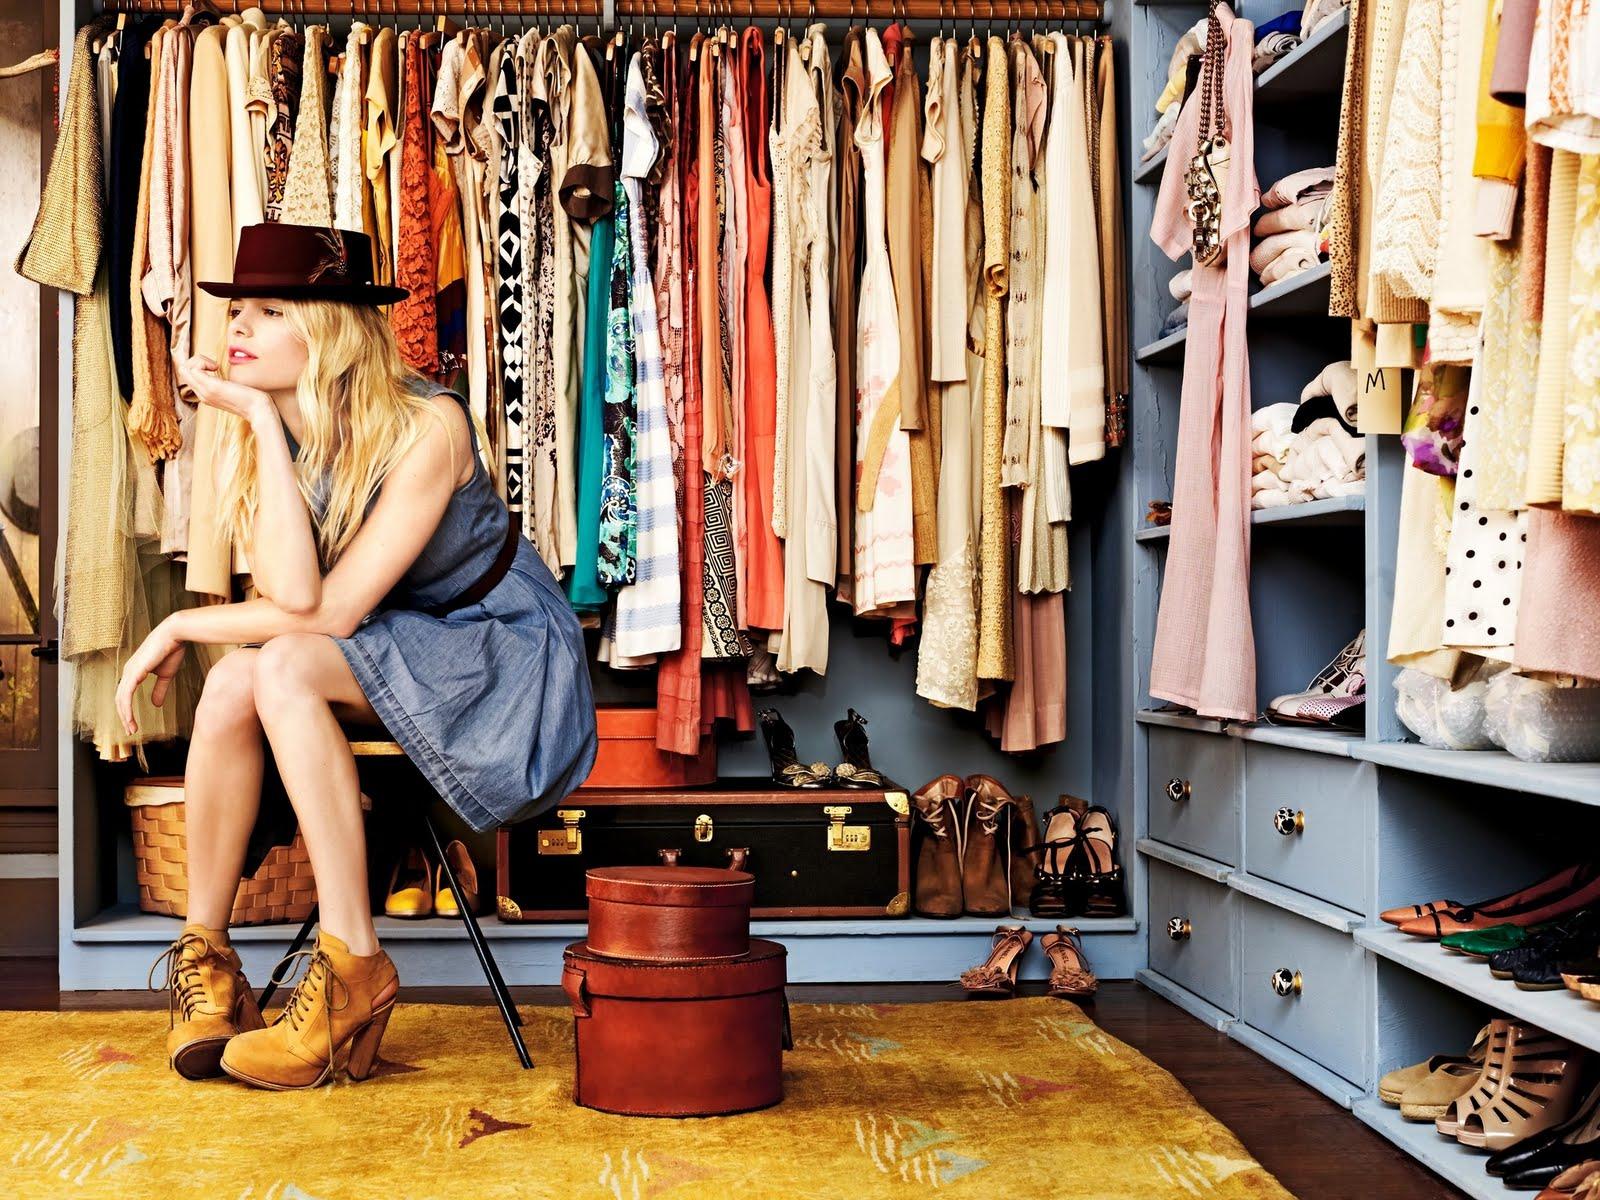 poleznye-sovety-dlya-zhenshhin-kak-sozdat-idealnyj-garderob | our-woman.ru